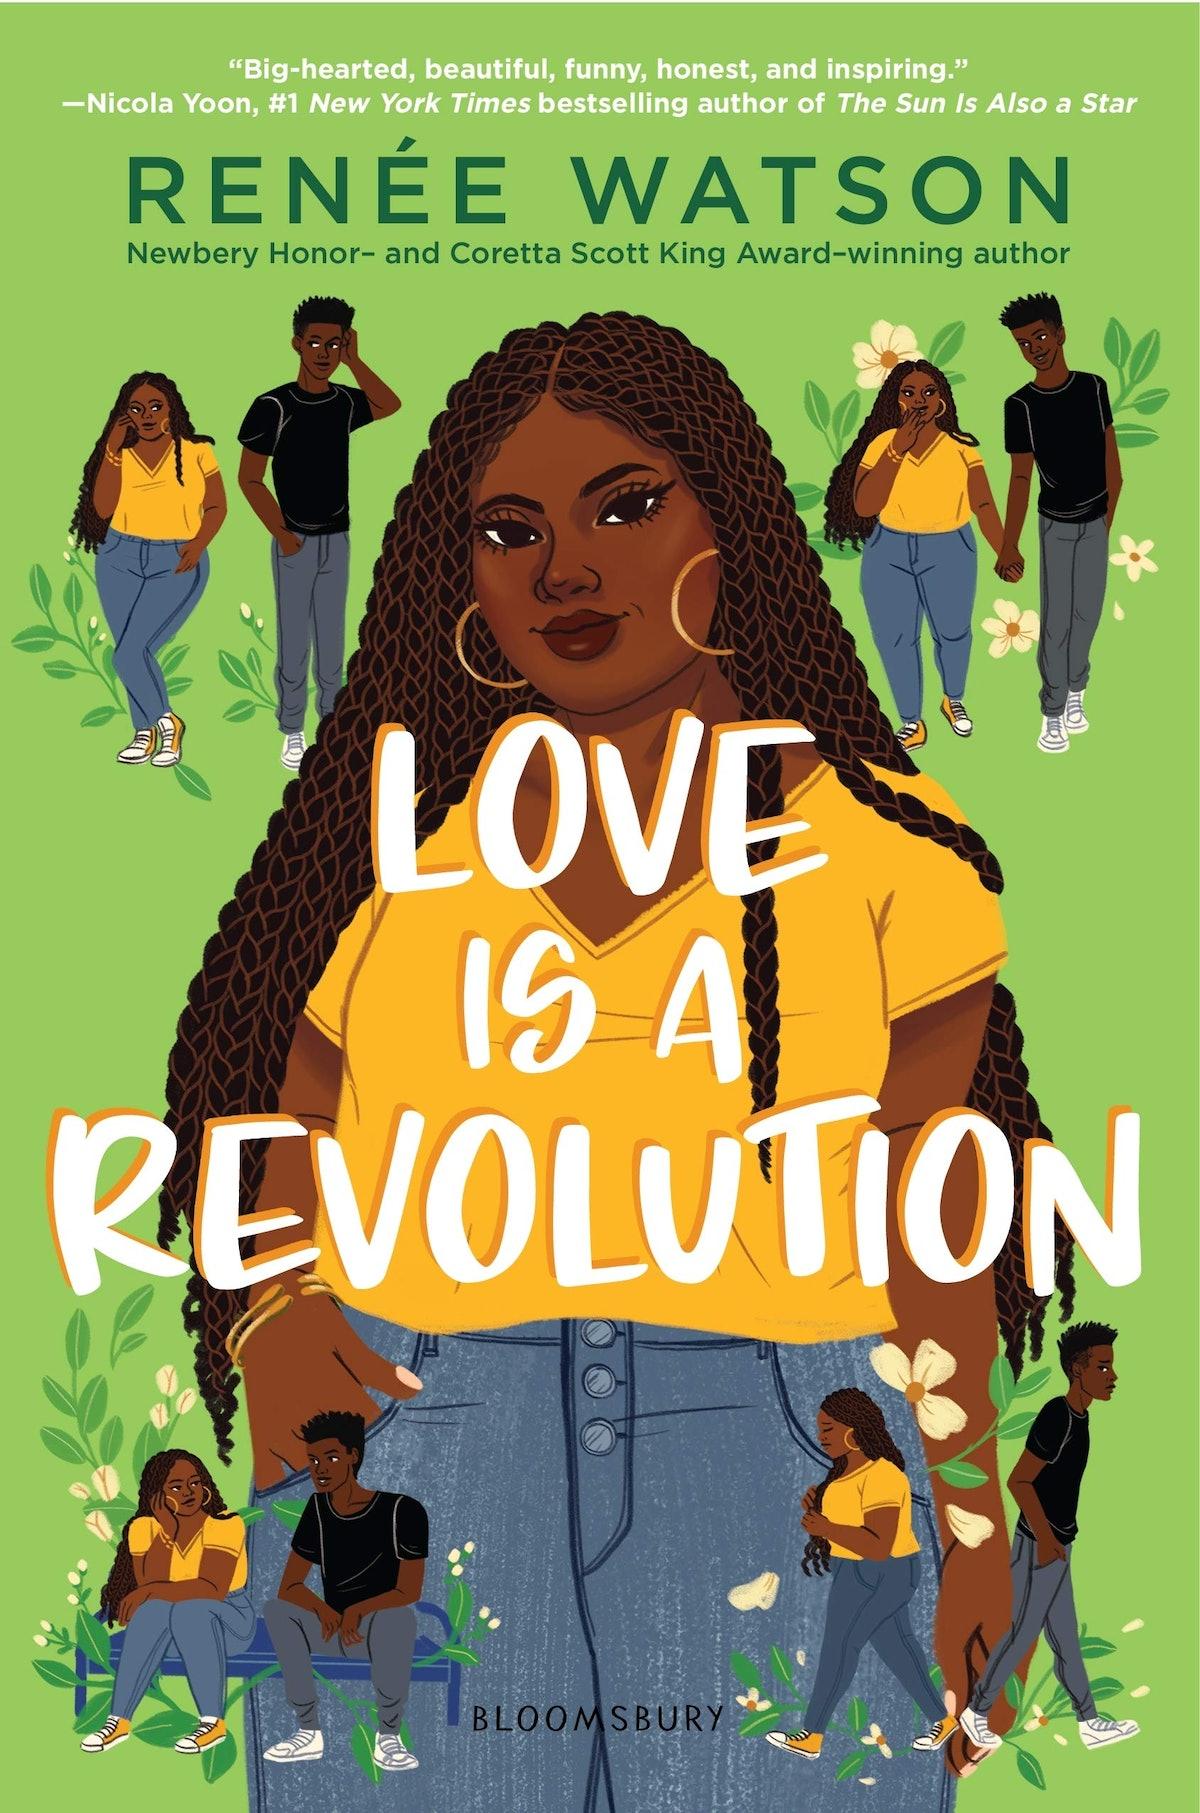 'Love Is a Revolution' by Renée Watson